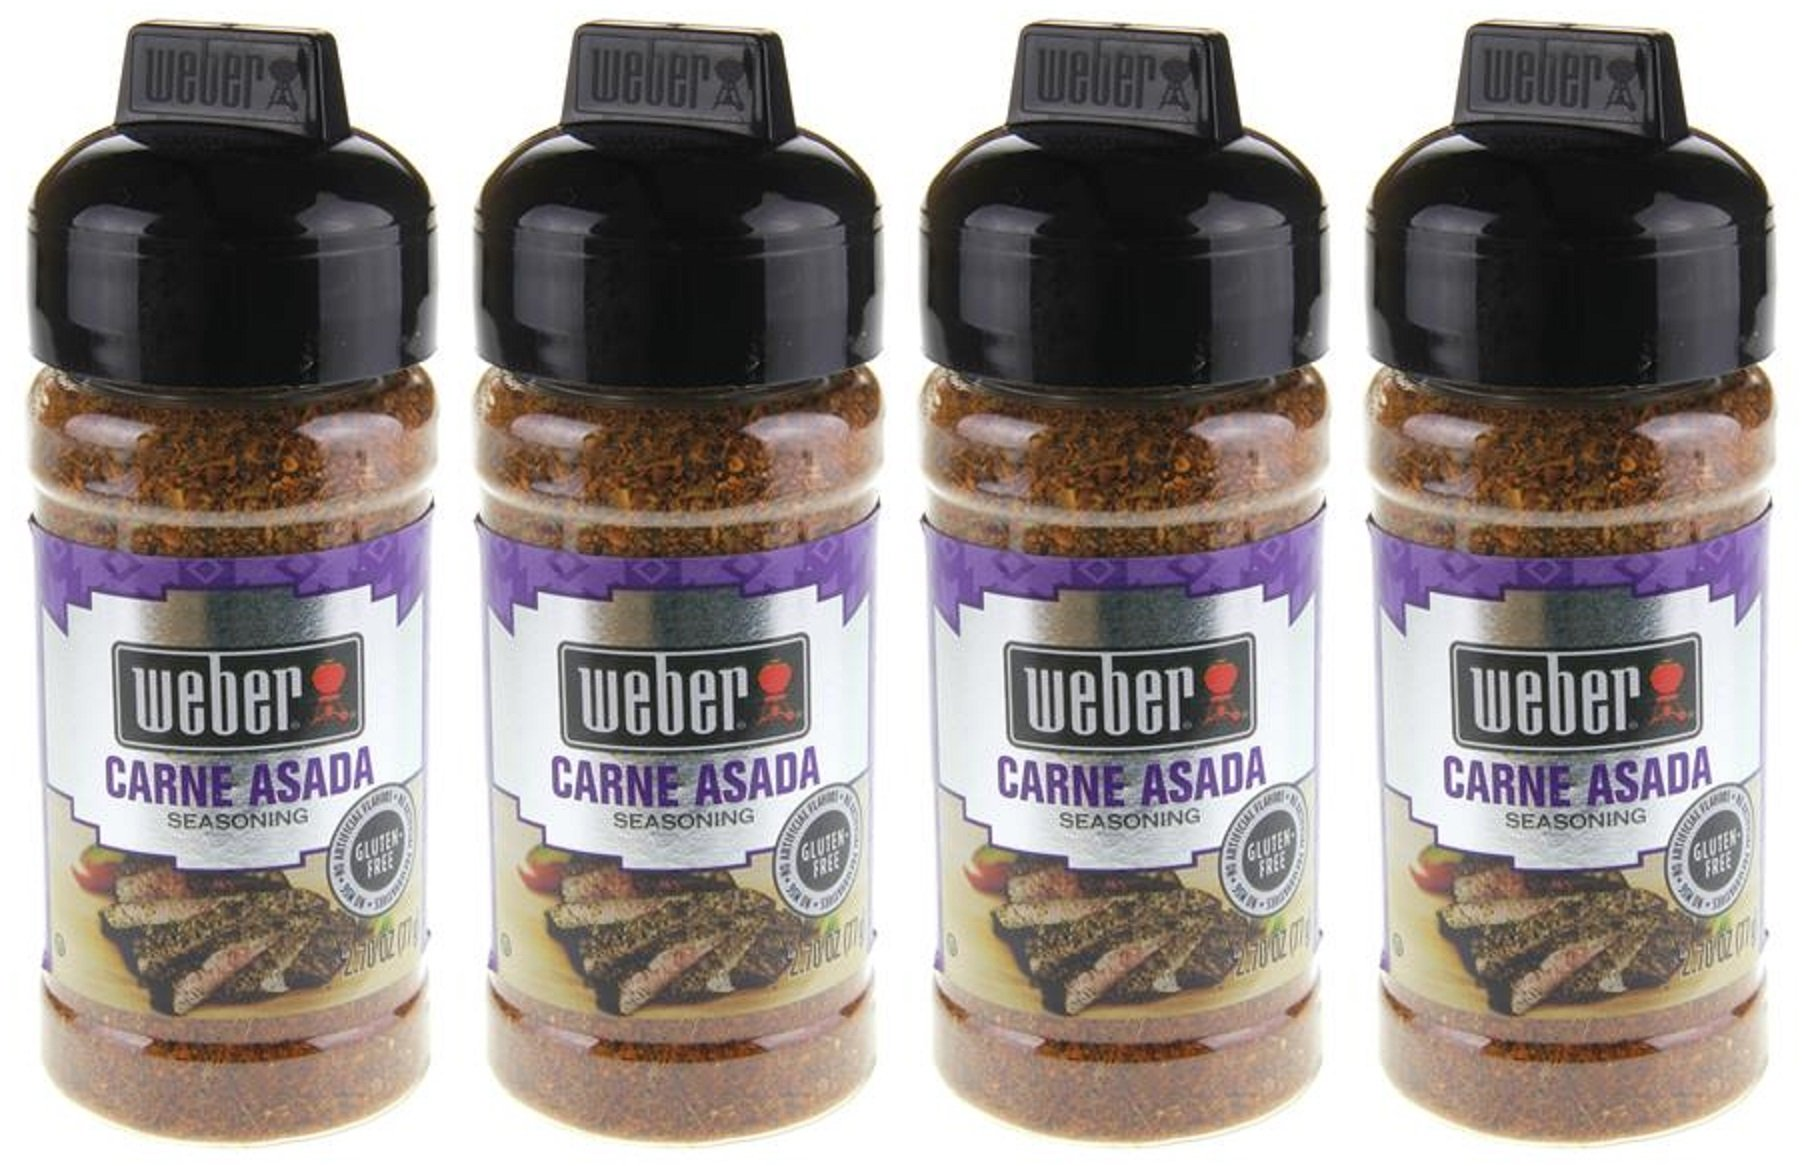 Weber Seasoning - Carne Asada - Net Wt. 2.7 OZ (77 g) Per Bottle - Pack of 4 Bottles